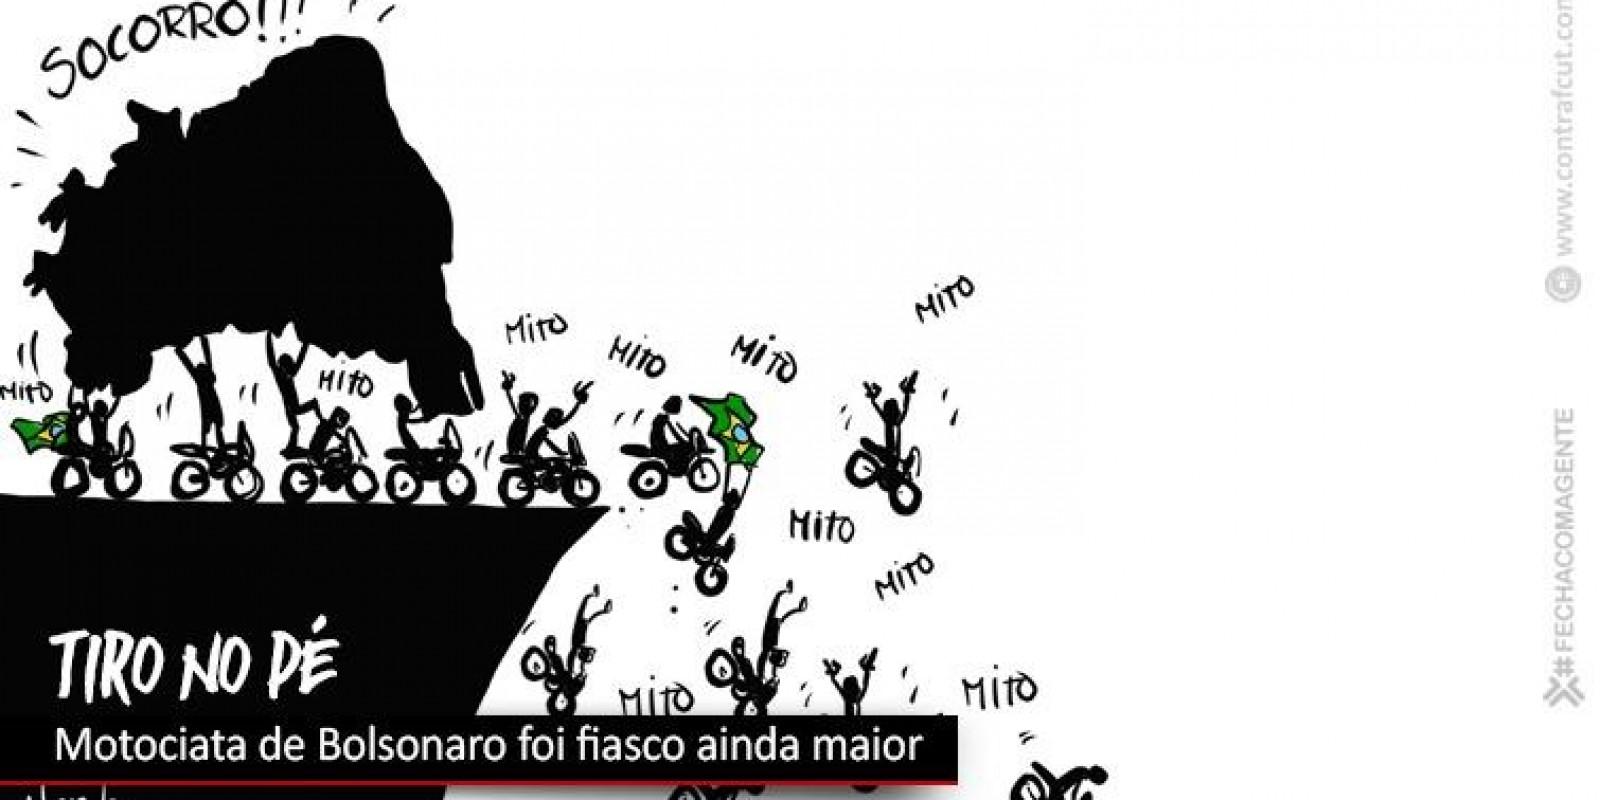 Motociata de Bolsonaro foi rejeitada por clubes de motos